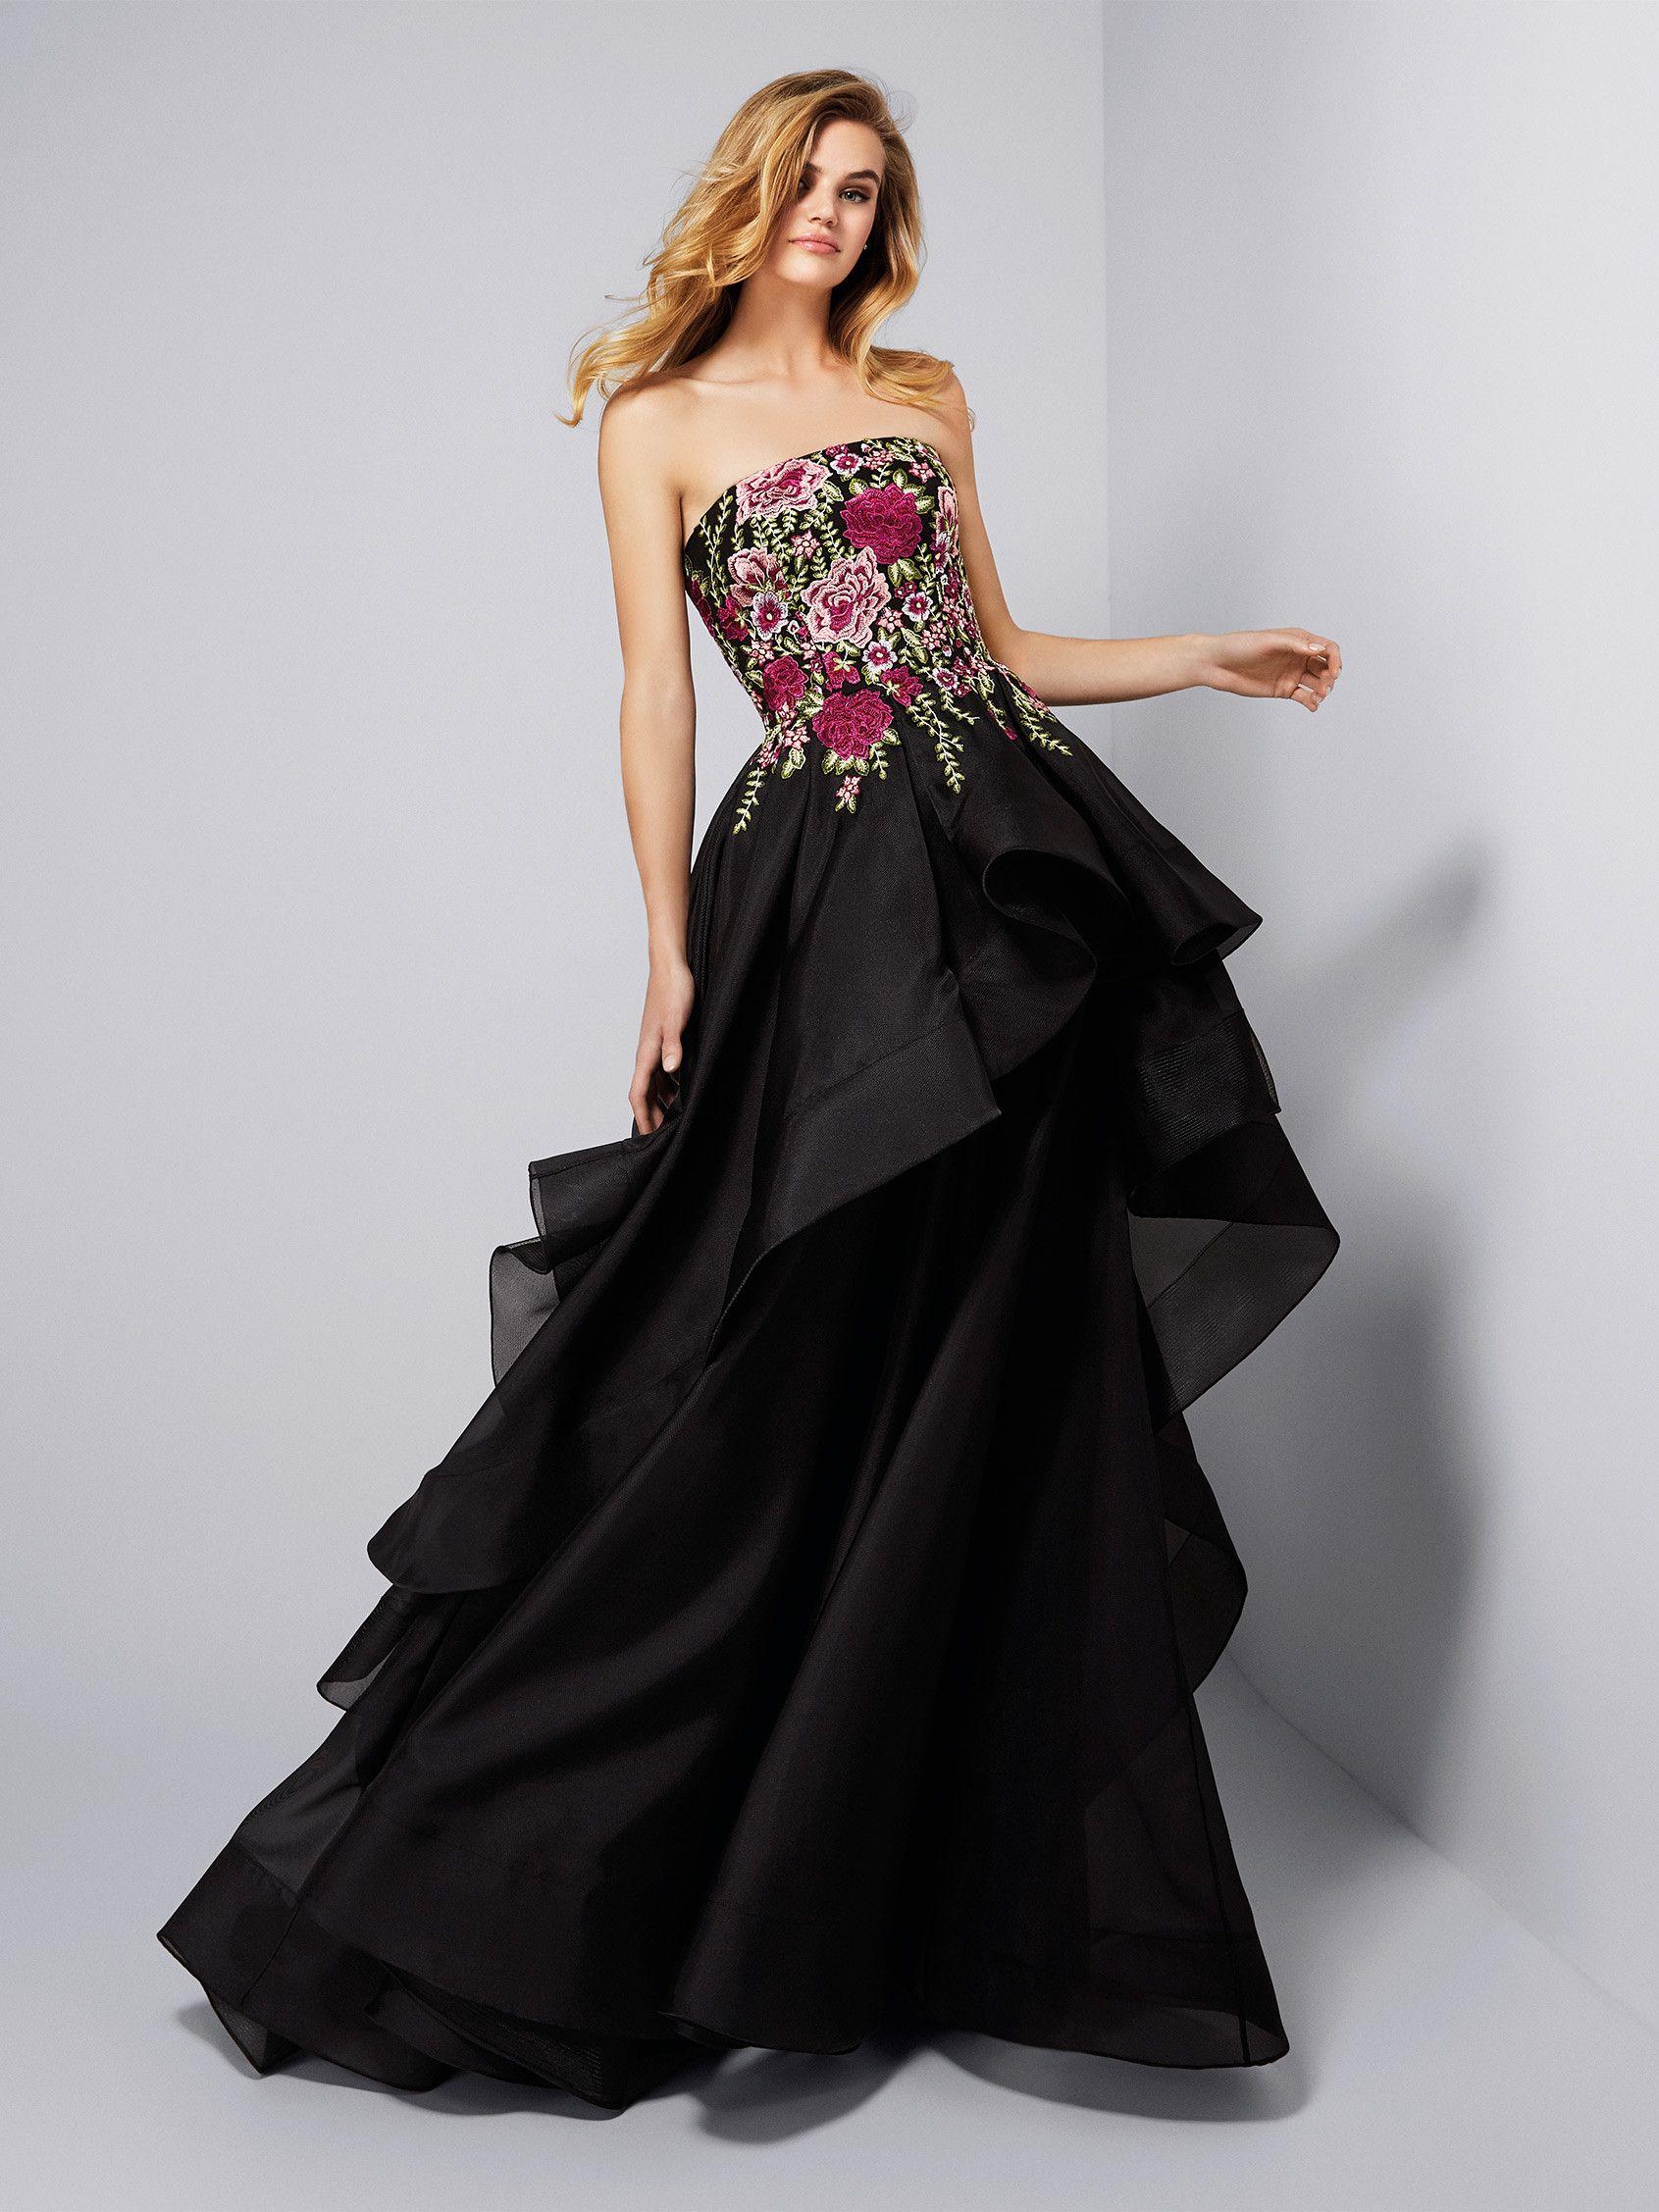 Comprar vestidos de fiesta pronovias online